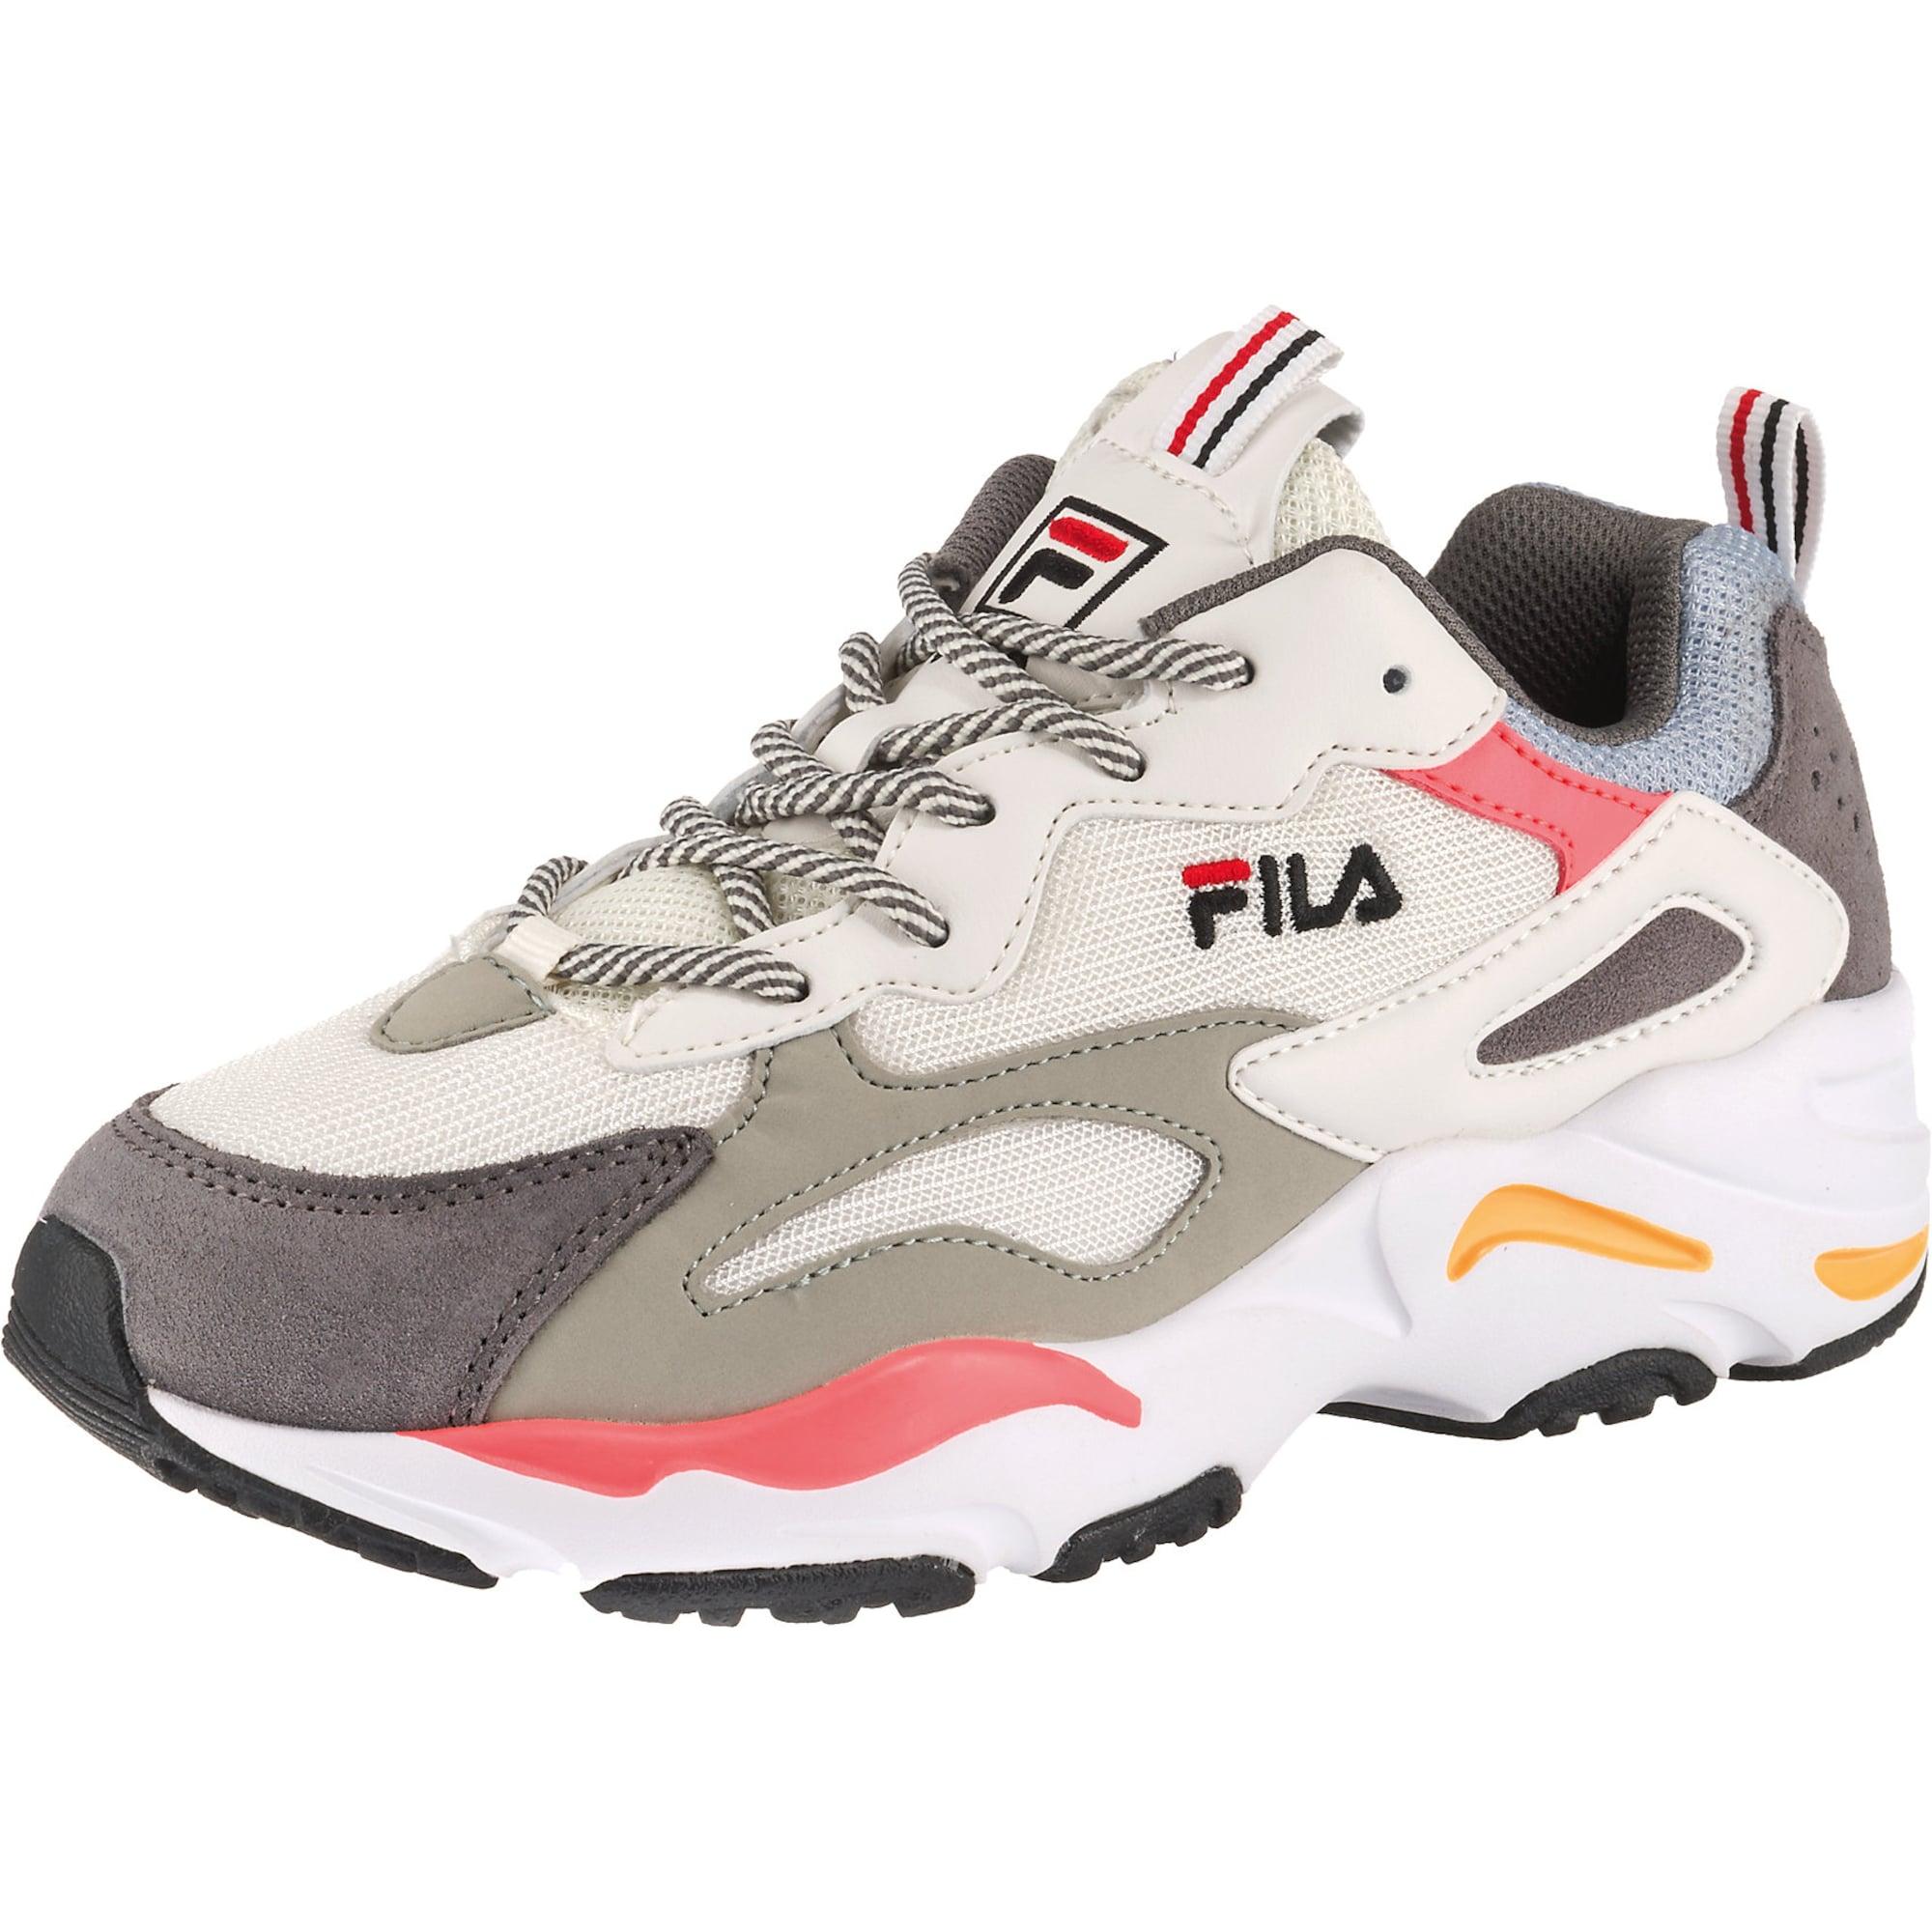 Damen Fila Sneakers Low 'Ray Tracer' indigo, schwarz, weiß   08719477241596